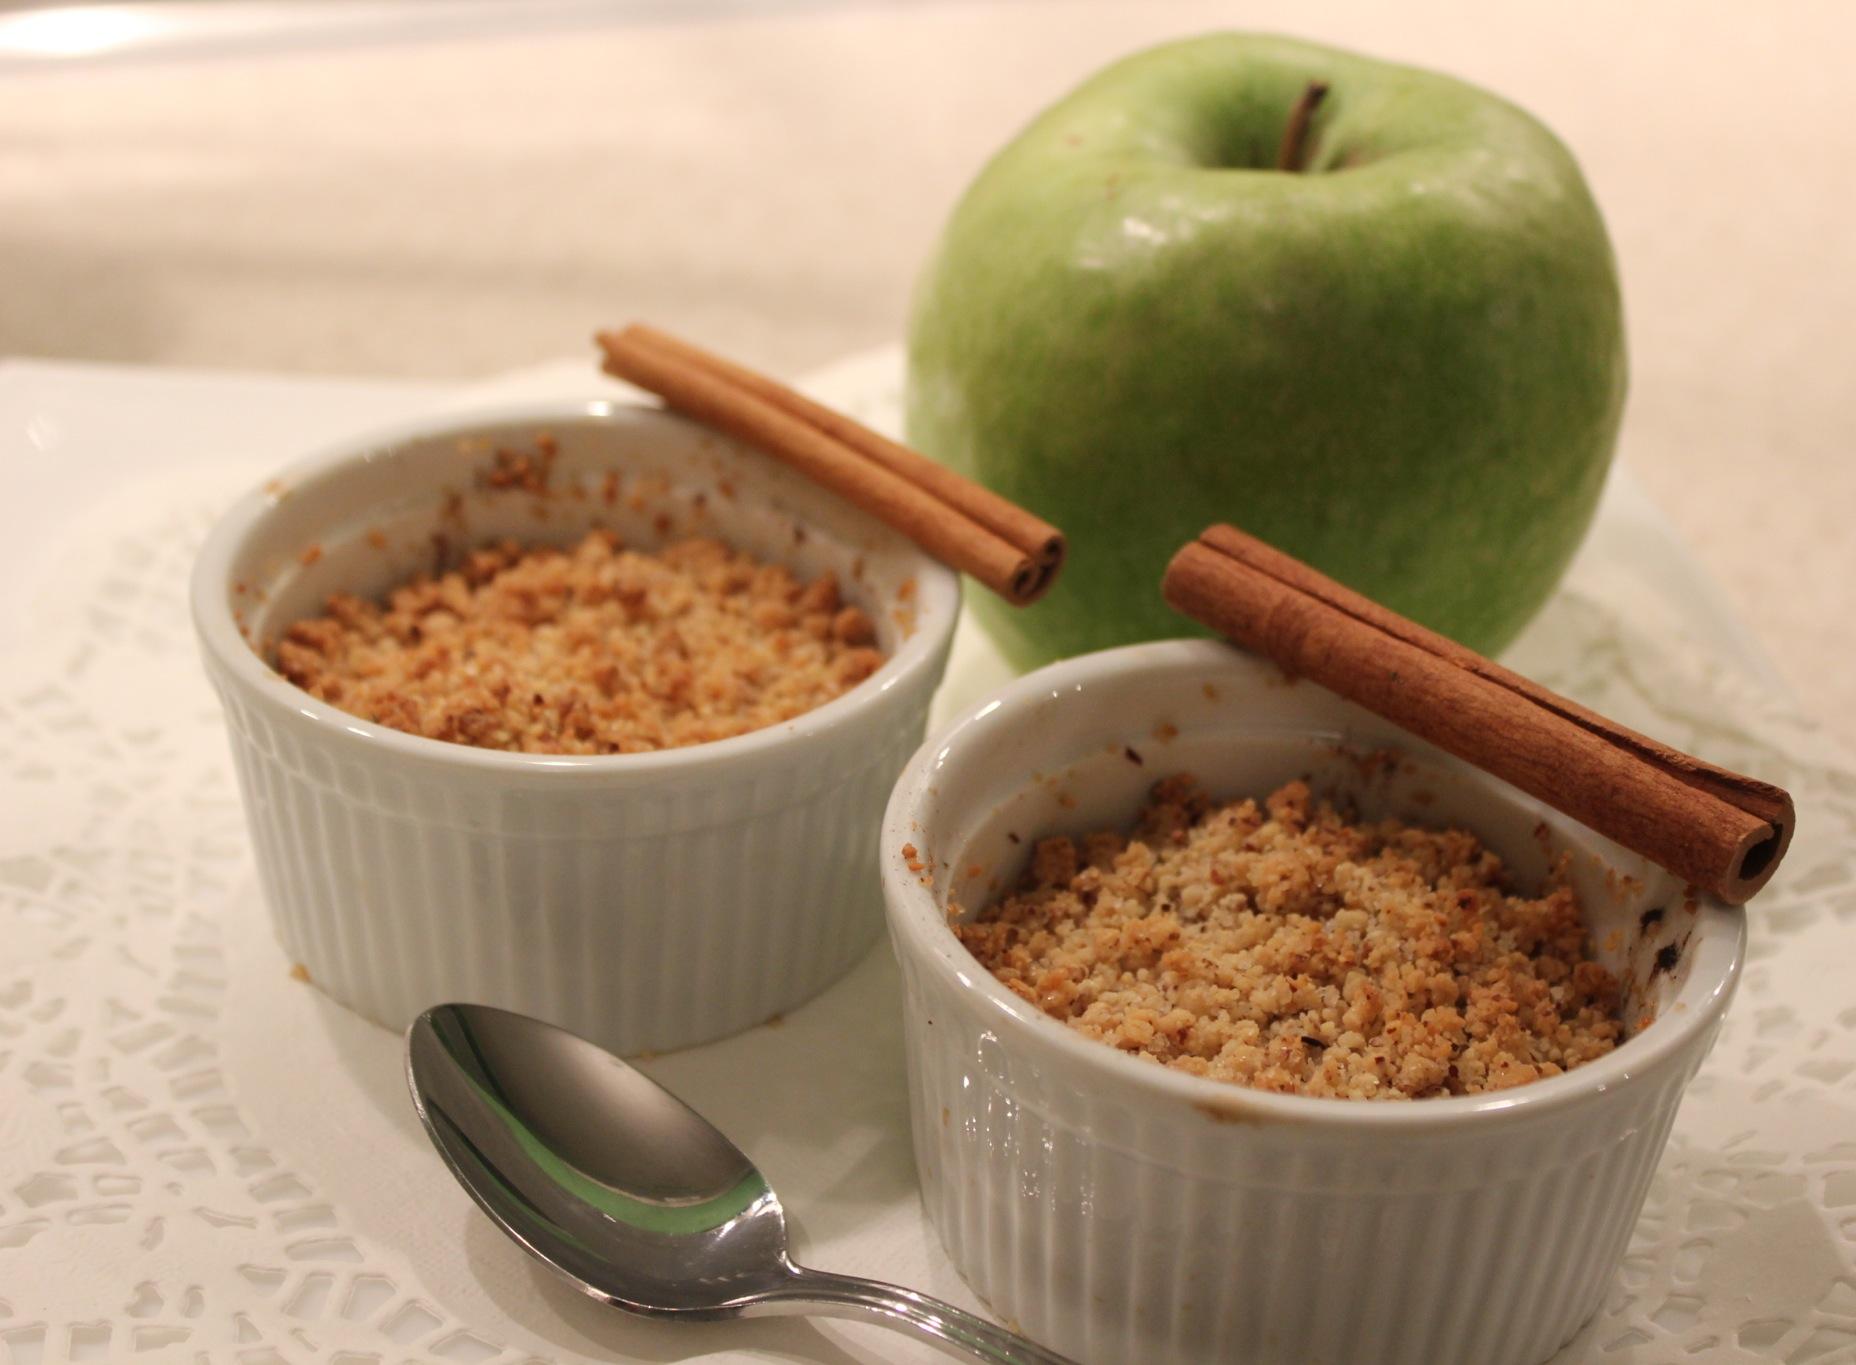 яблочный крамбл рецепт с фото квартира скандинавском стиле